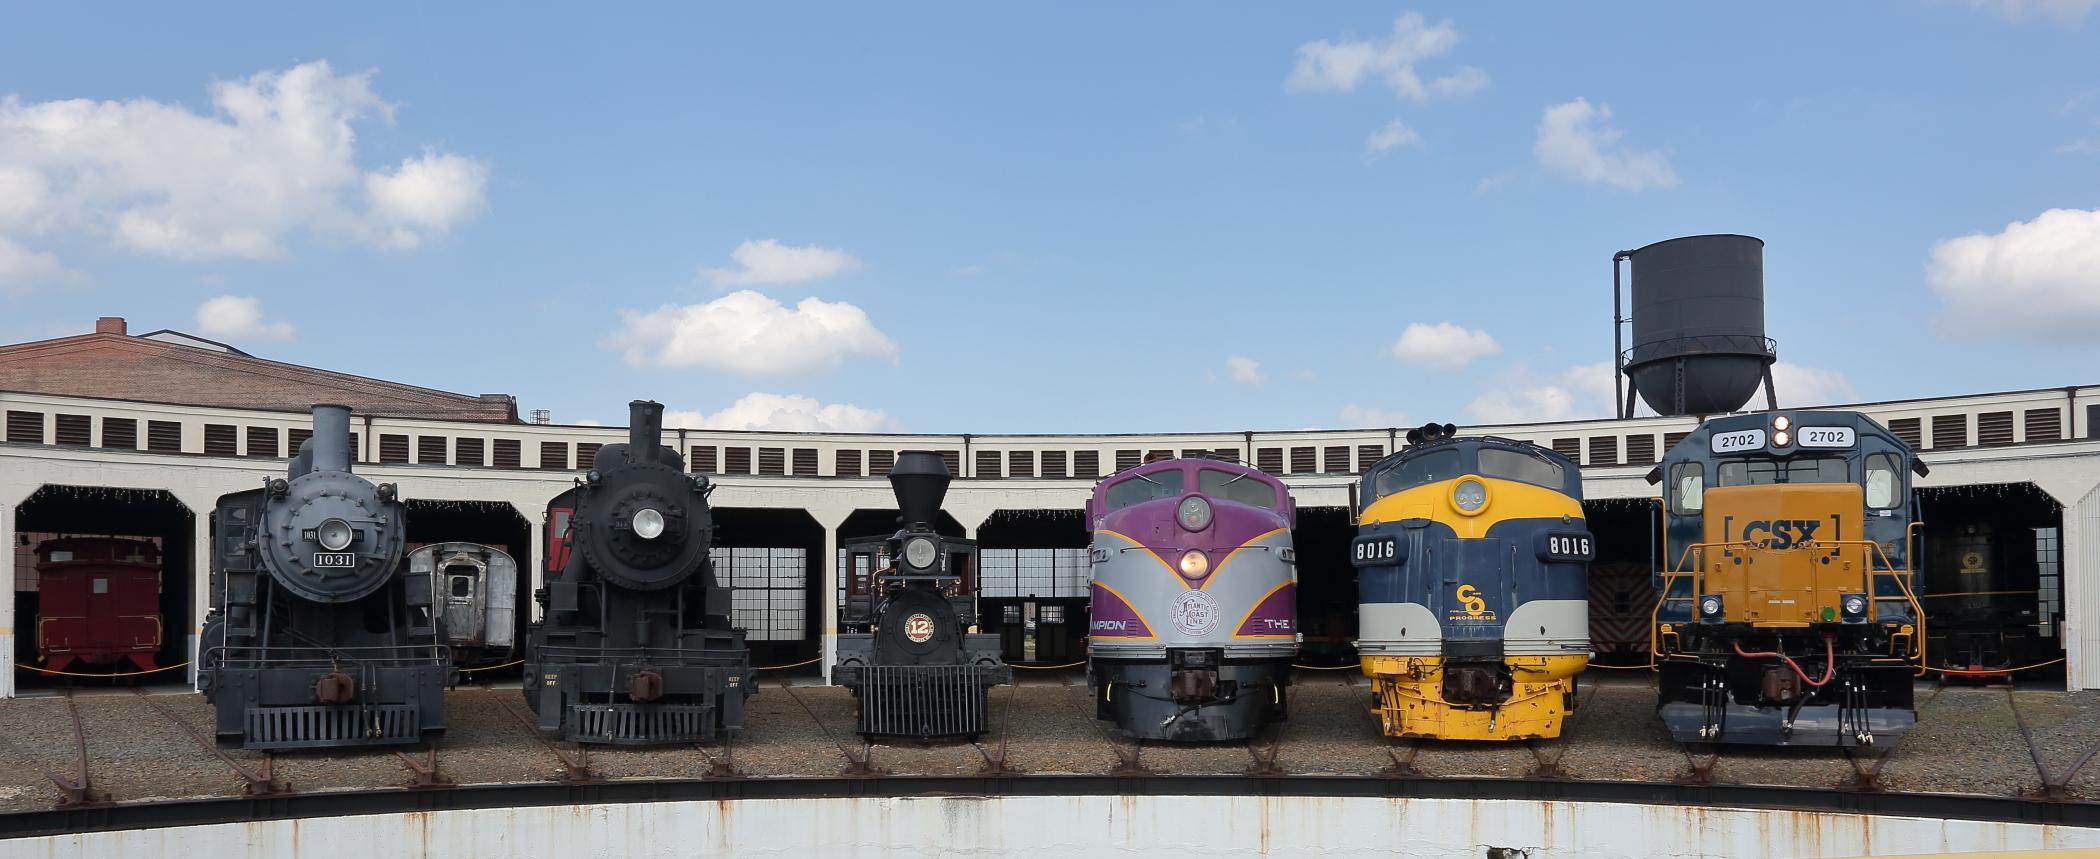 Other Predecessor Locomotives - CSX com